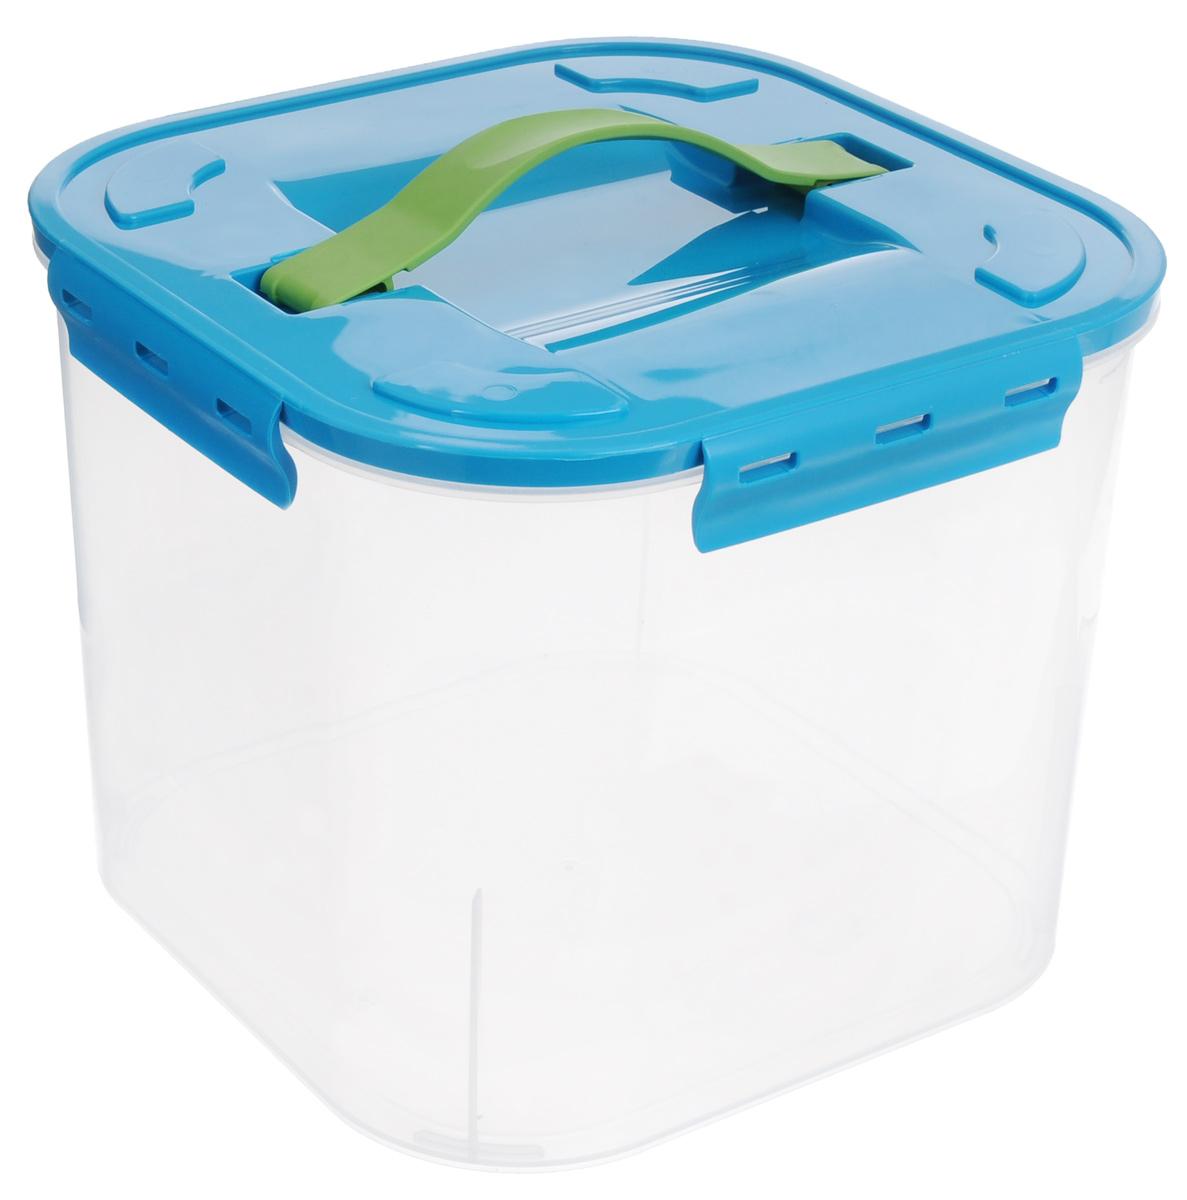 Контейнер для хранения Idea, цвет: бирюзовый, прозрачный, 7 лМ 2820_бирюзовыйКонтейнер для хранения Idea выполнен из прозрачного пластика. Контейнер идеально подойдет для хранения пищевых продуктов, а также любых мелких бытовых предметов: канцелярии, принадлежностей для шитья и многого другого. Контейнер плотно закрывается цветной крышкой с 4 защелками. Для удобства переноски сверху имеется ручка, выполненная из термоэластопласта. Контейнер Idea очень вместителен, он пригодится в любом хозяйстве.